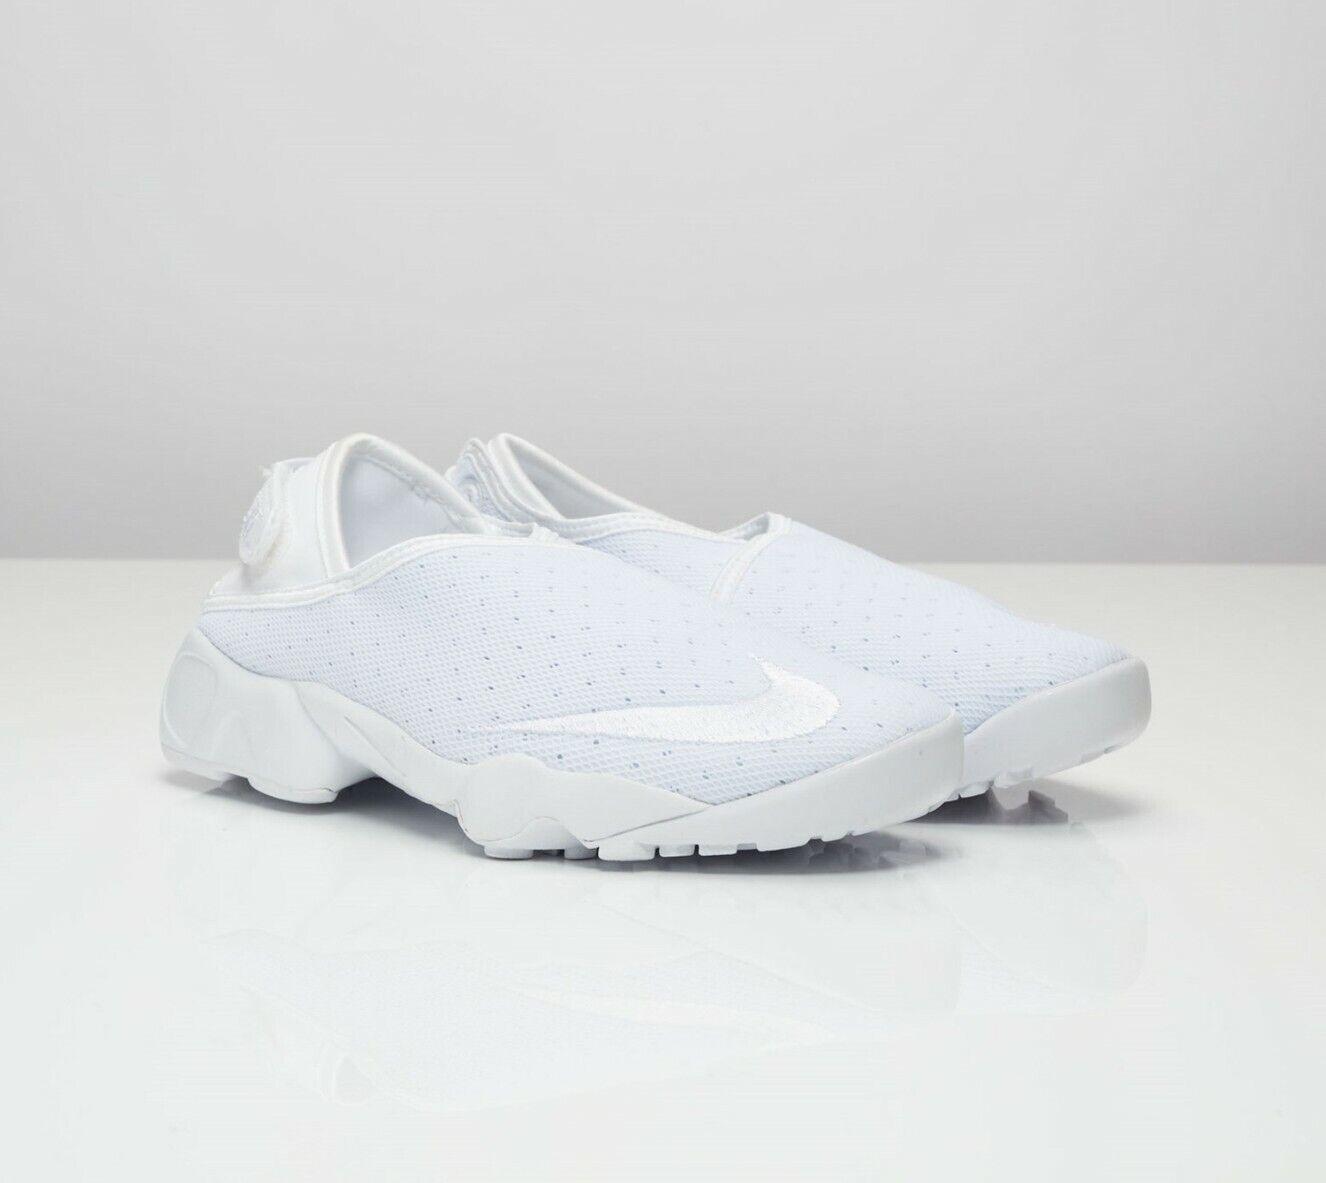 WMNS Nike Rift - wrap - 853541 100